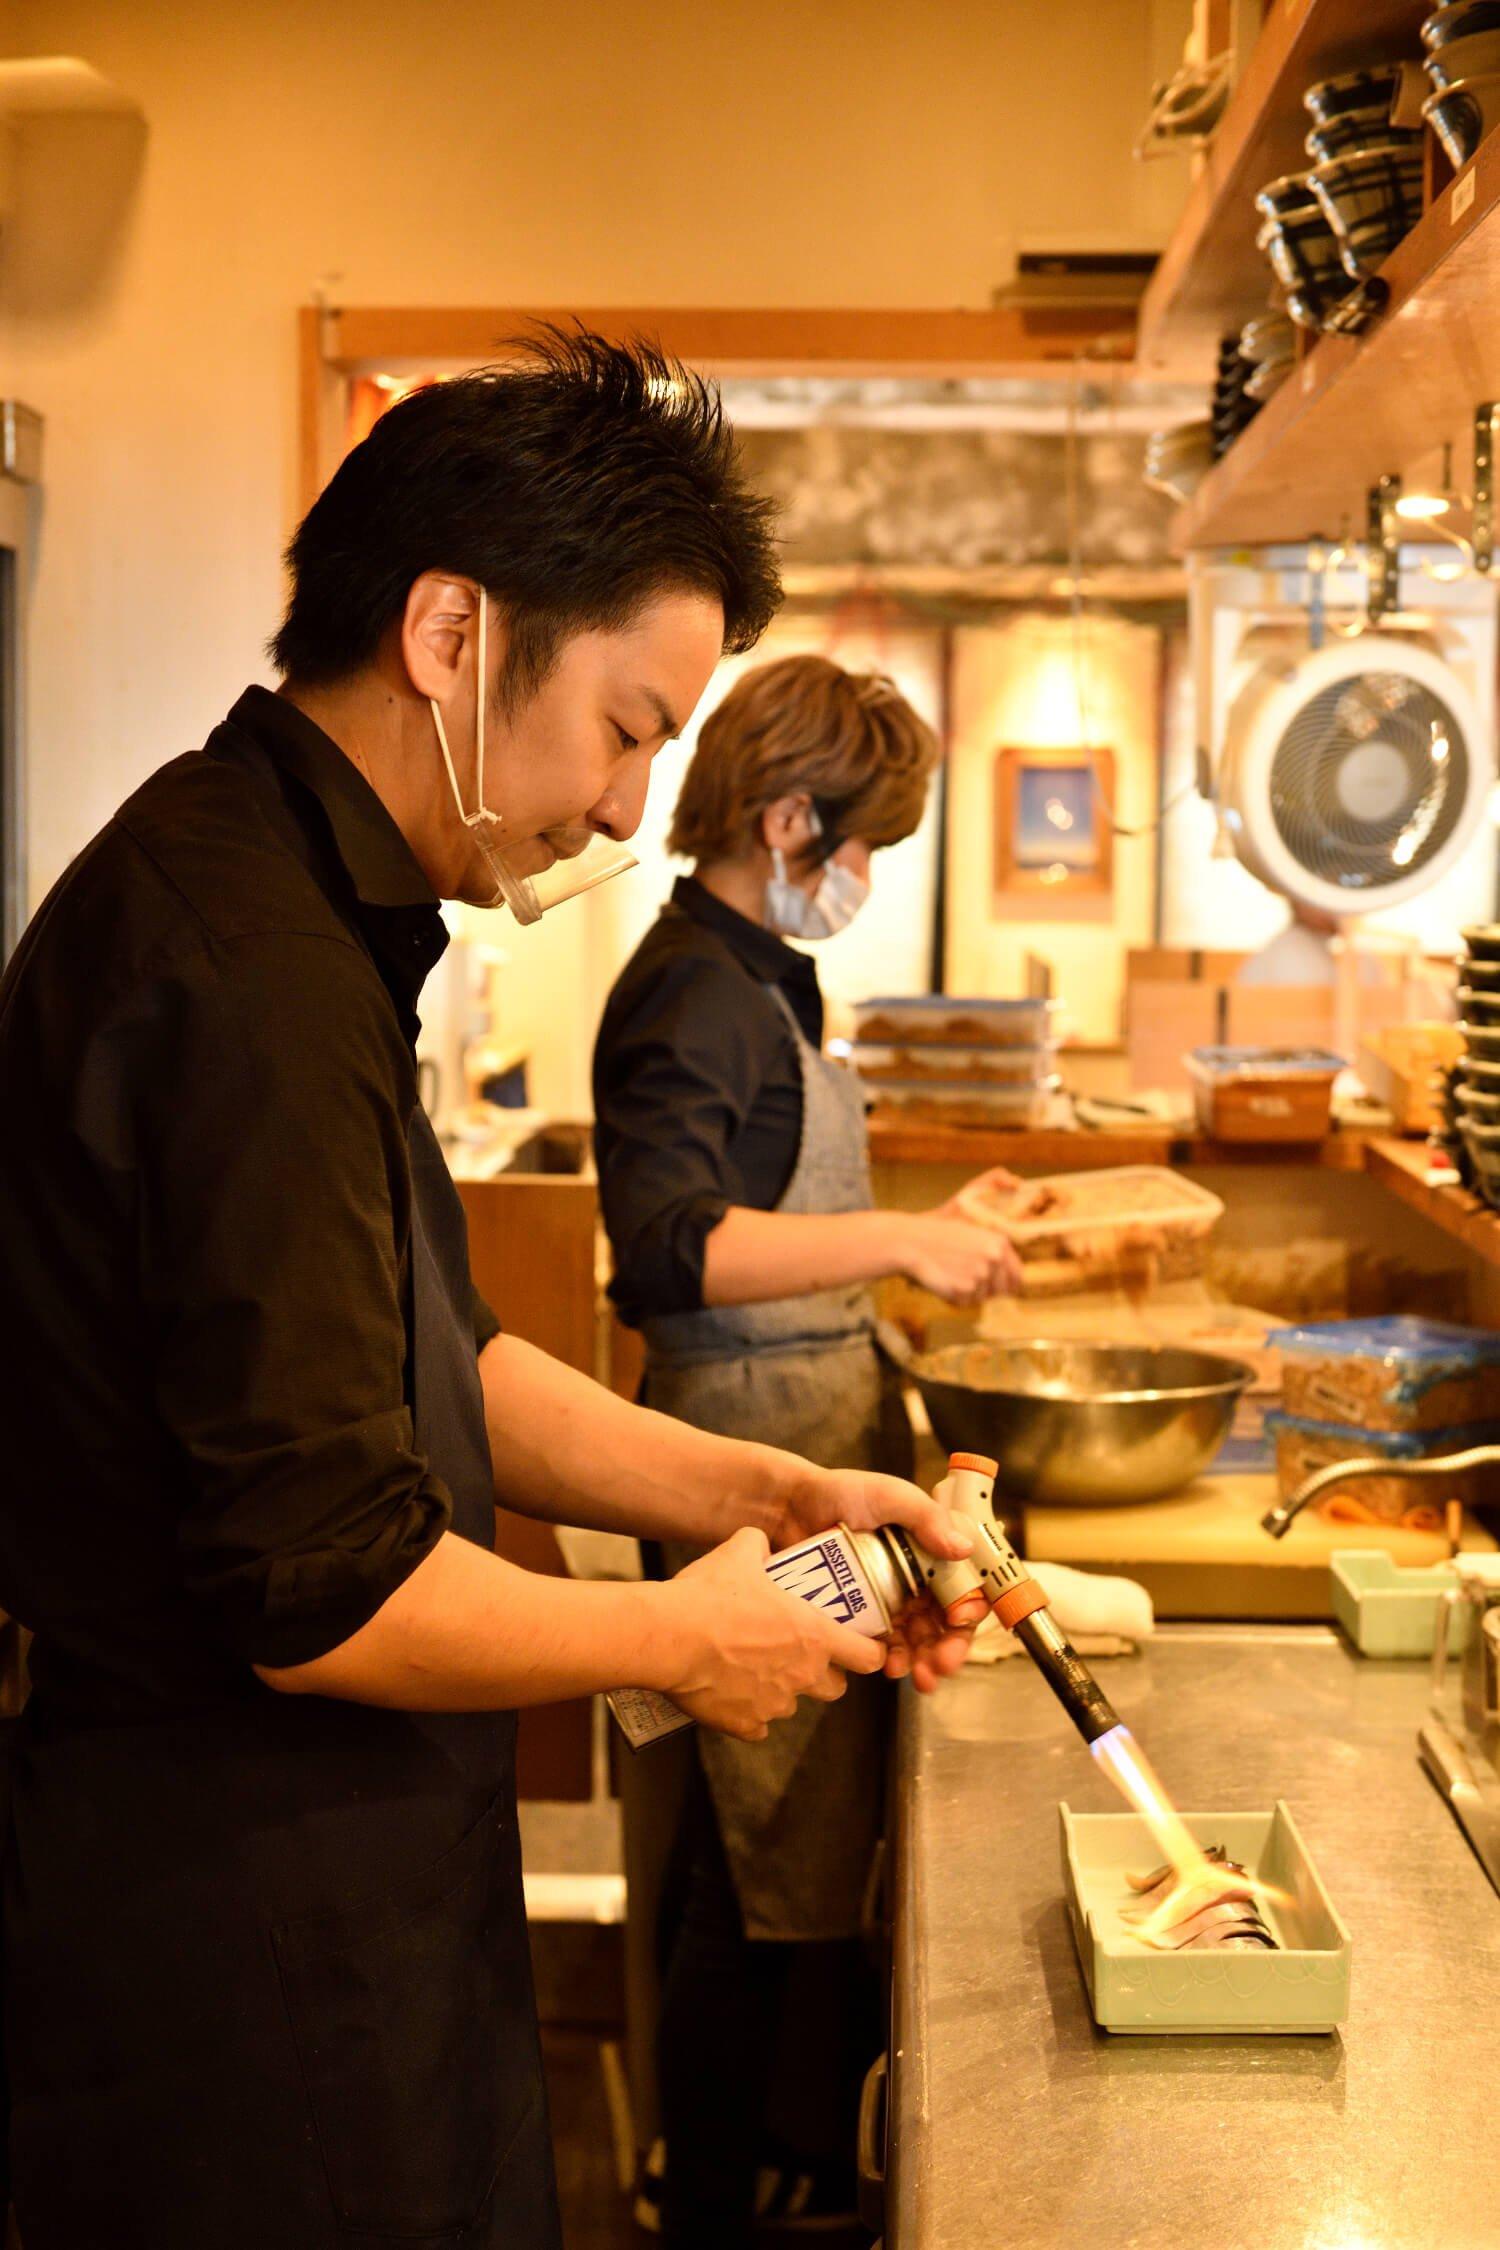 大トロ炙り鯖は注文を受けてからバーナーで豪快に炙る。